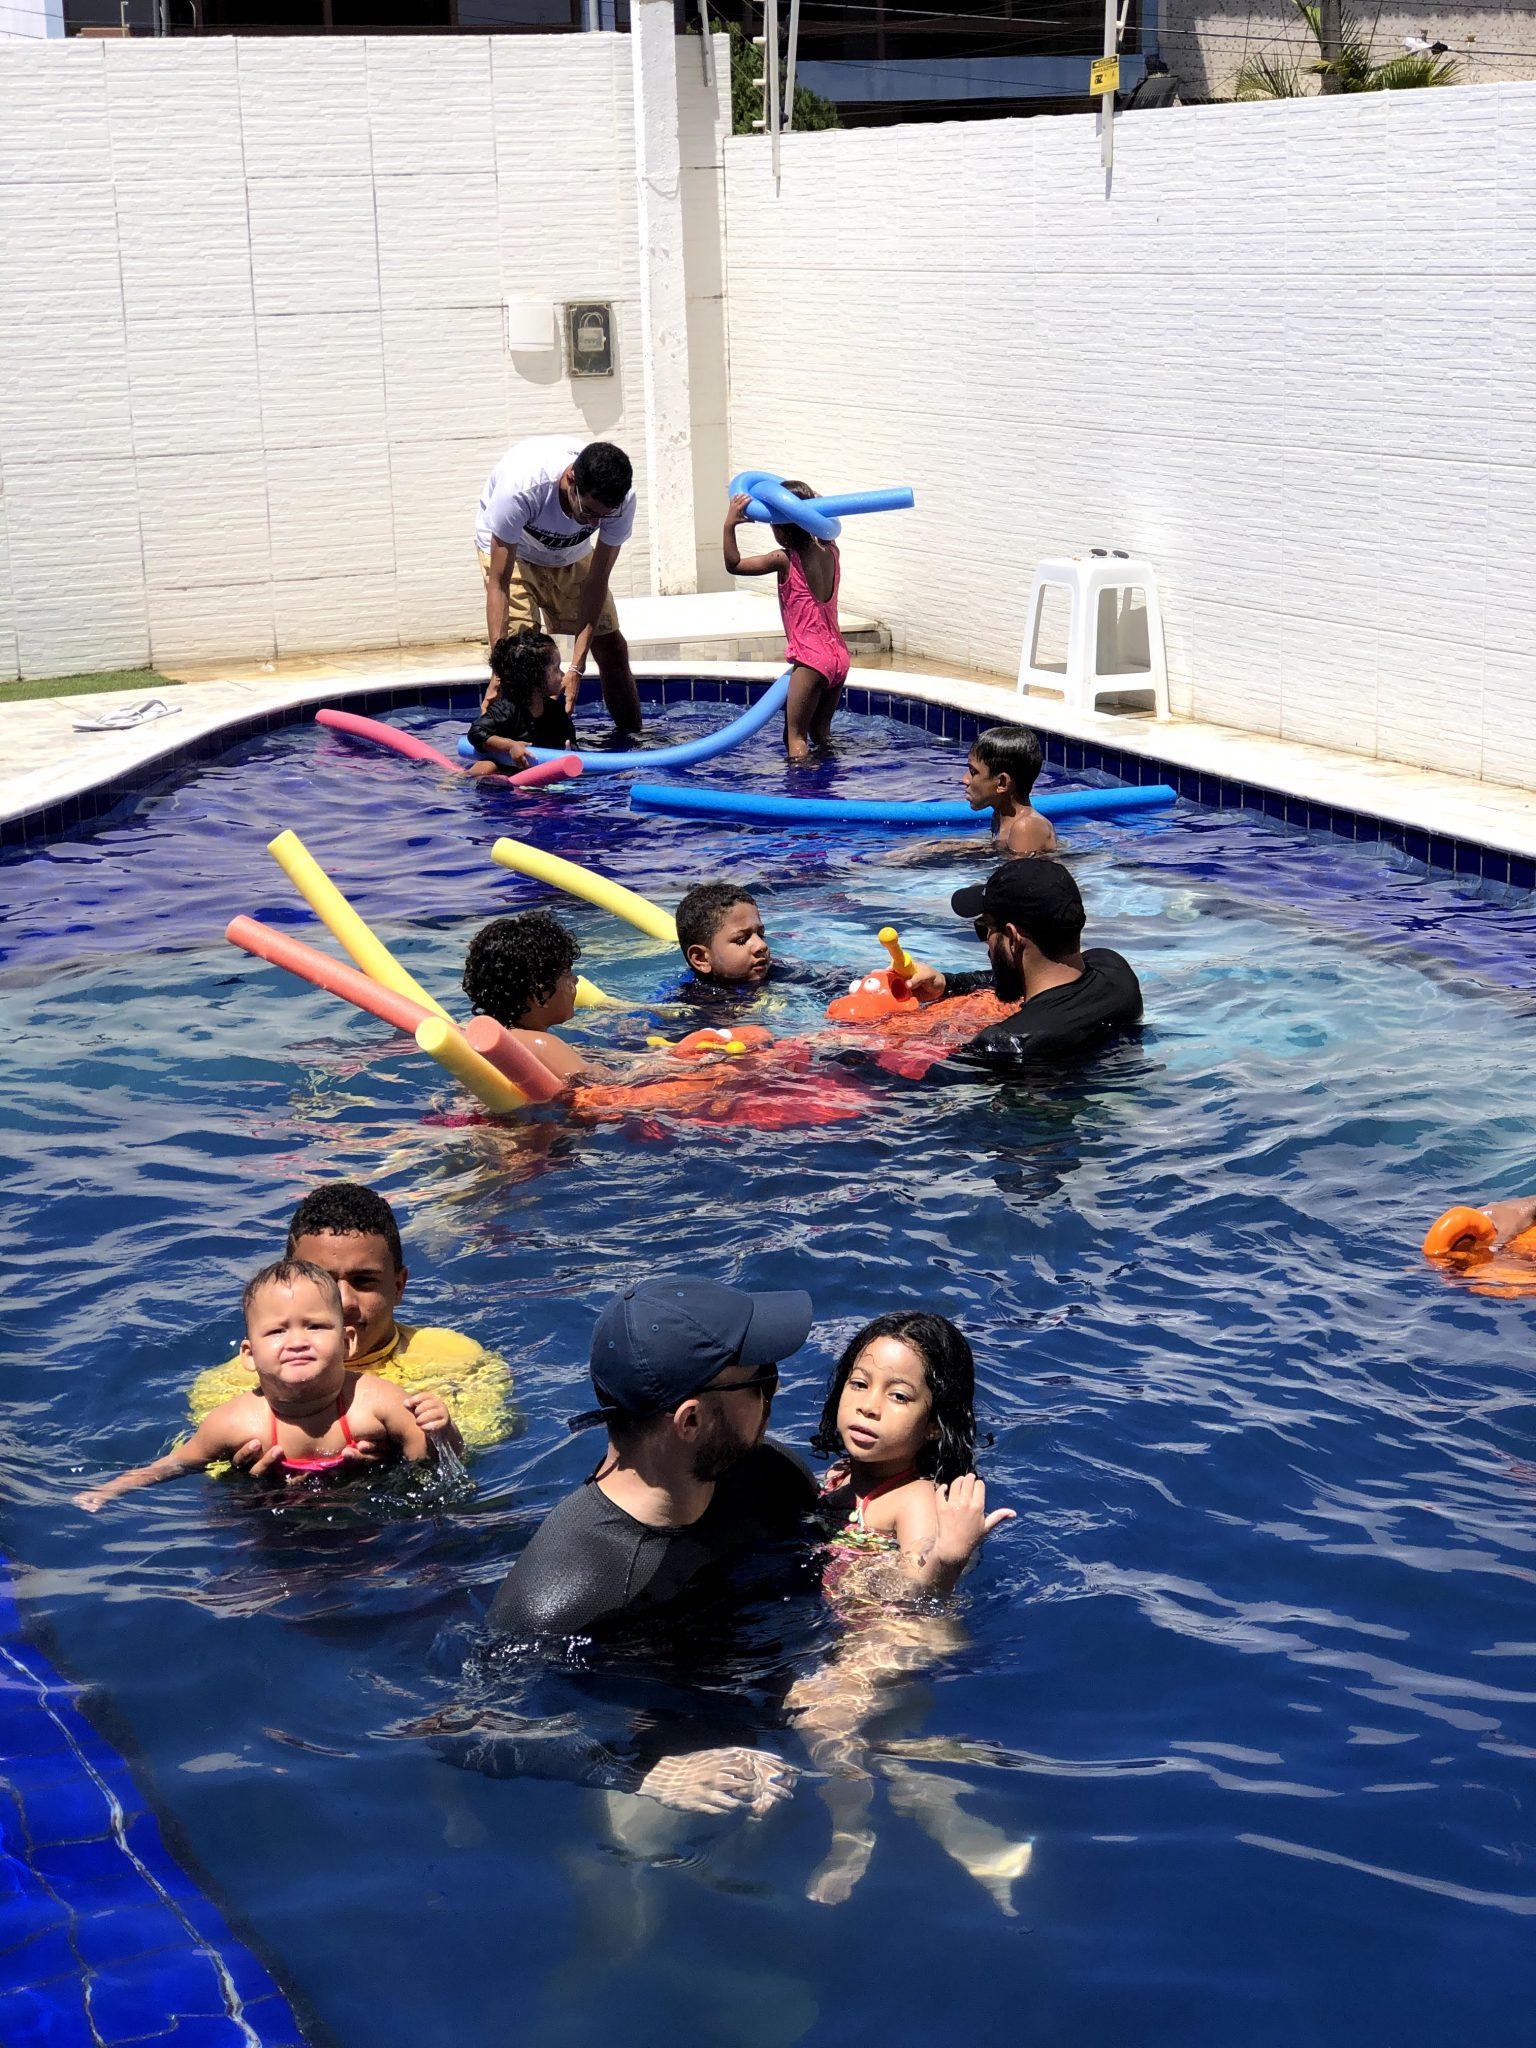 crianças brincando na piscina em festa